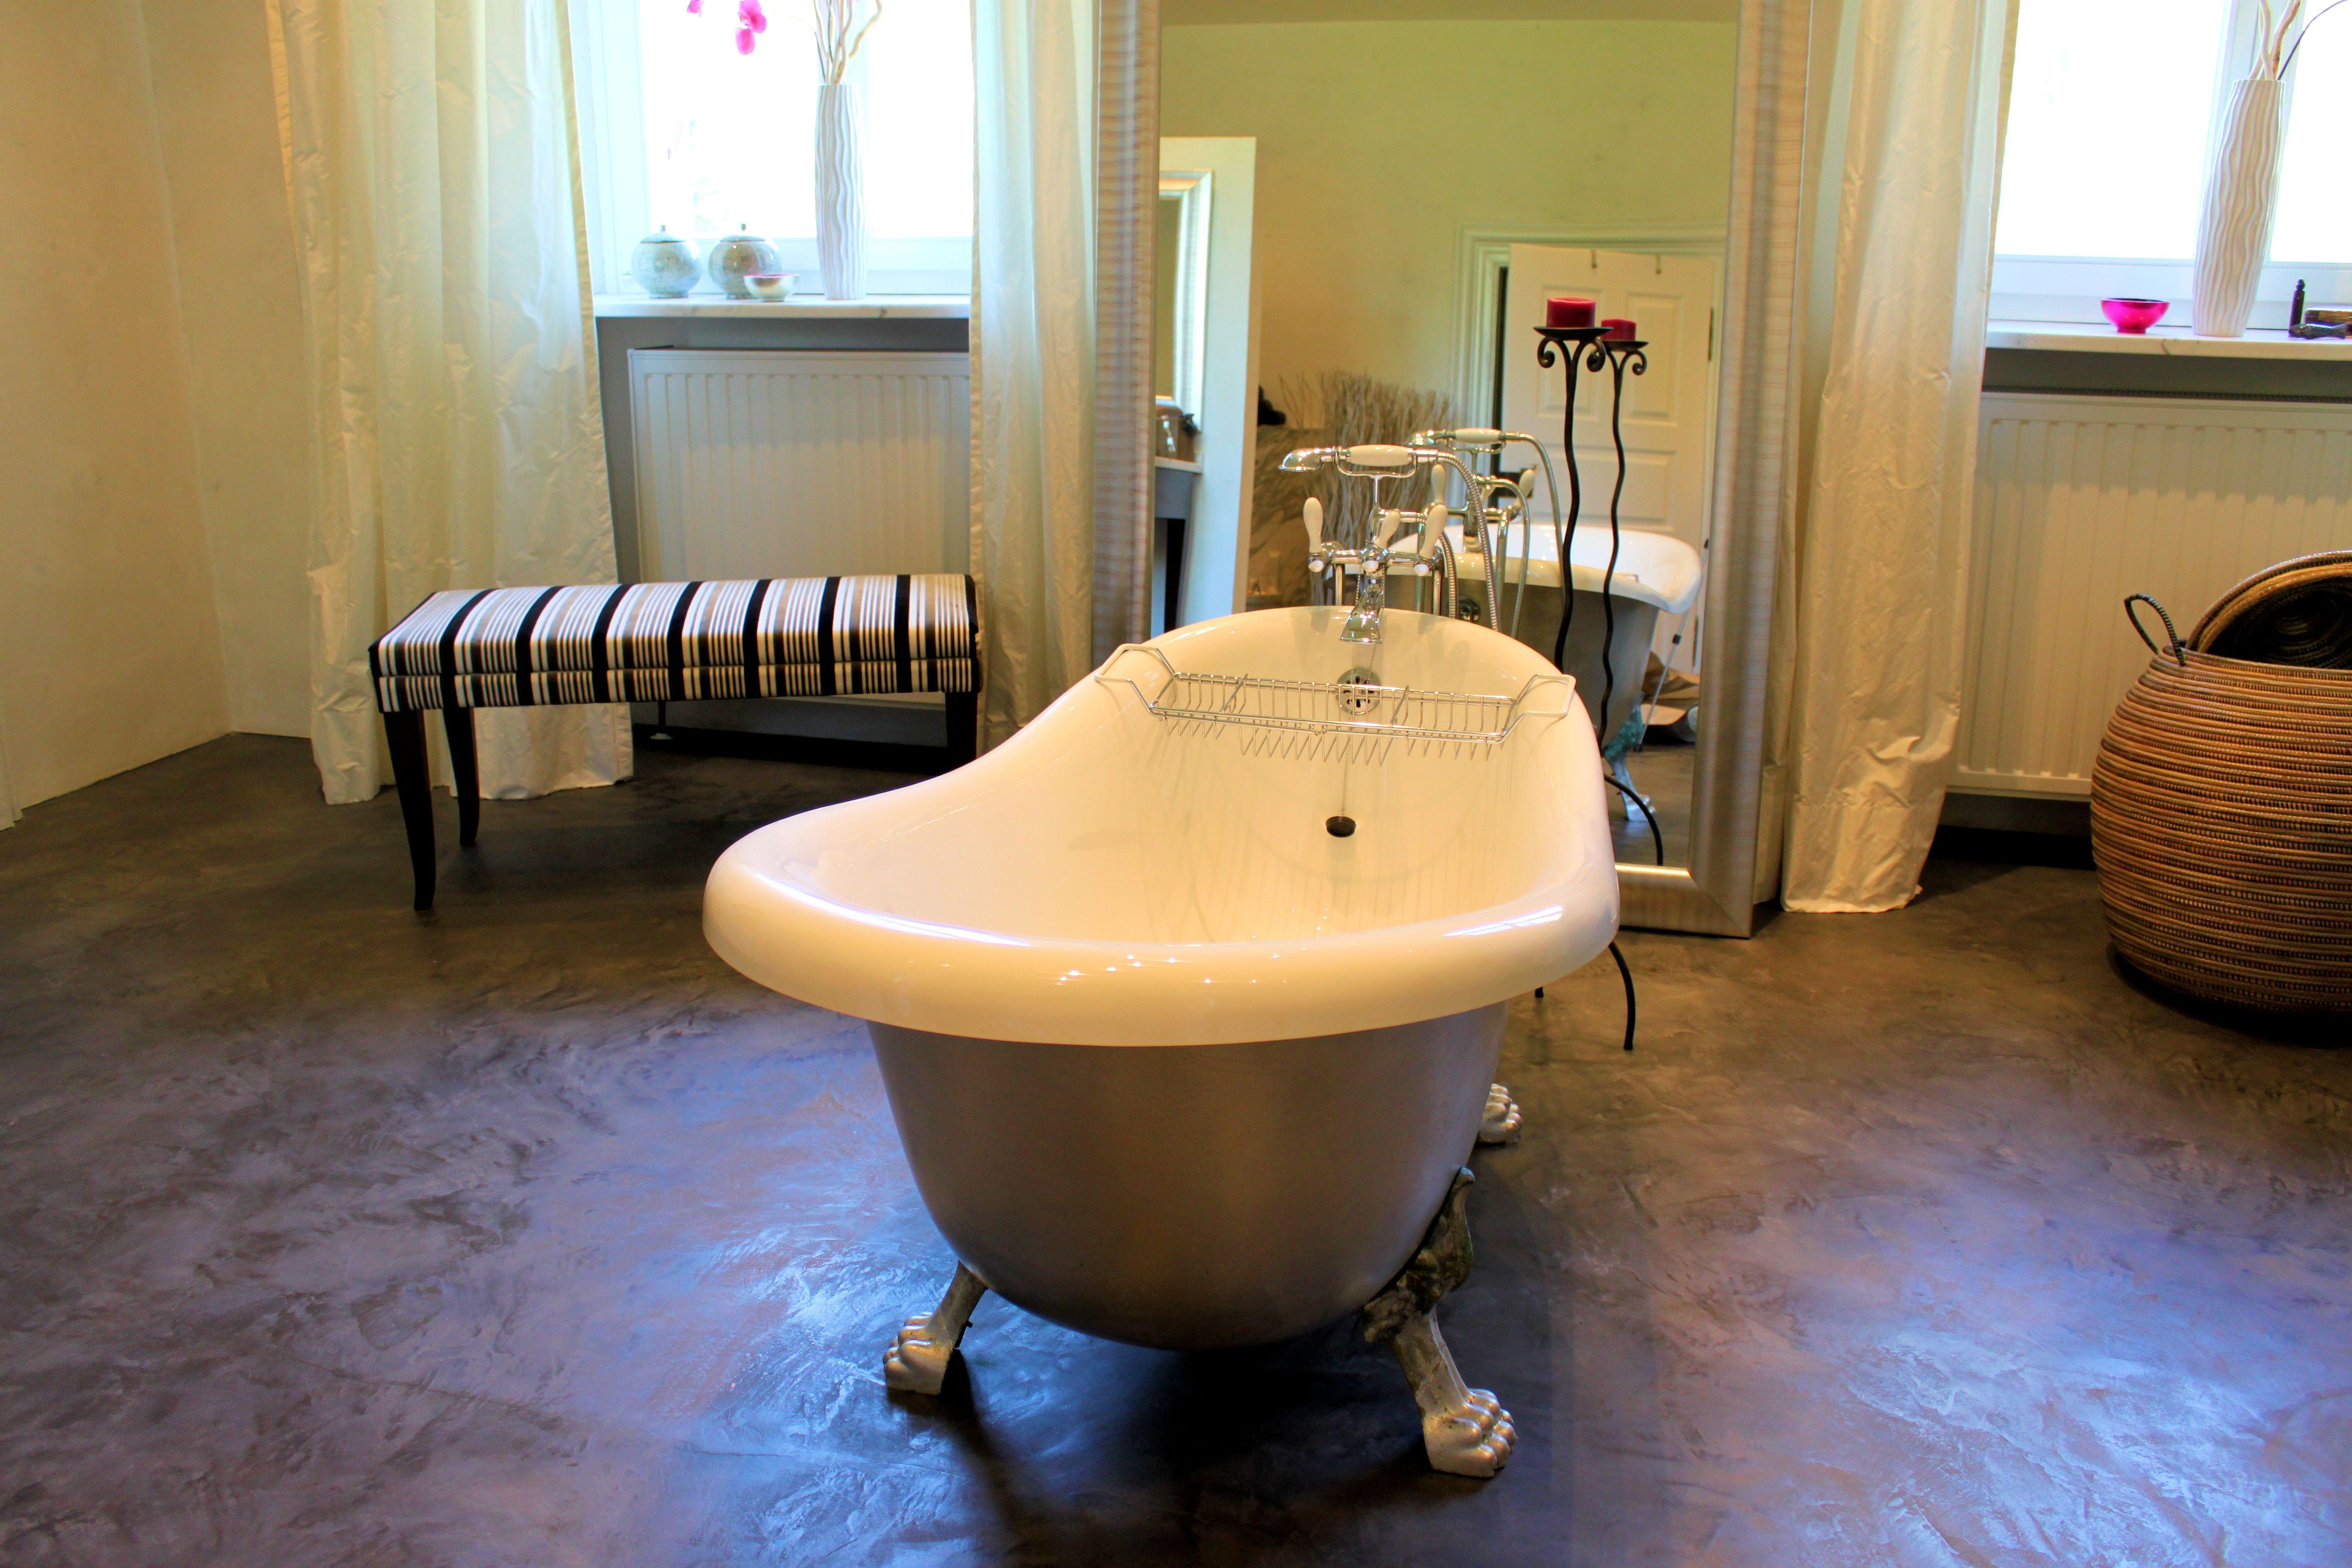 spachtel boden in einem luxus badezimmer betonboden. Black Bedroom Furniture Sets. Home Design Ideas